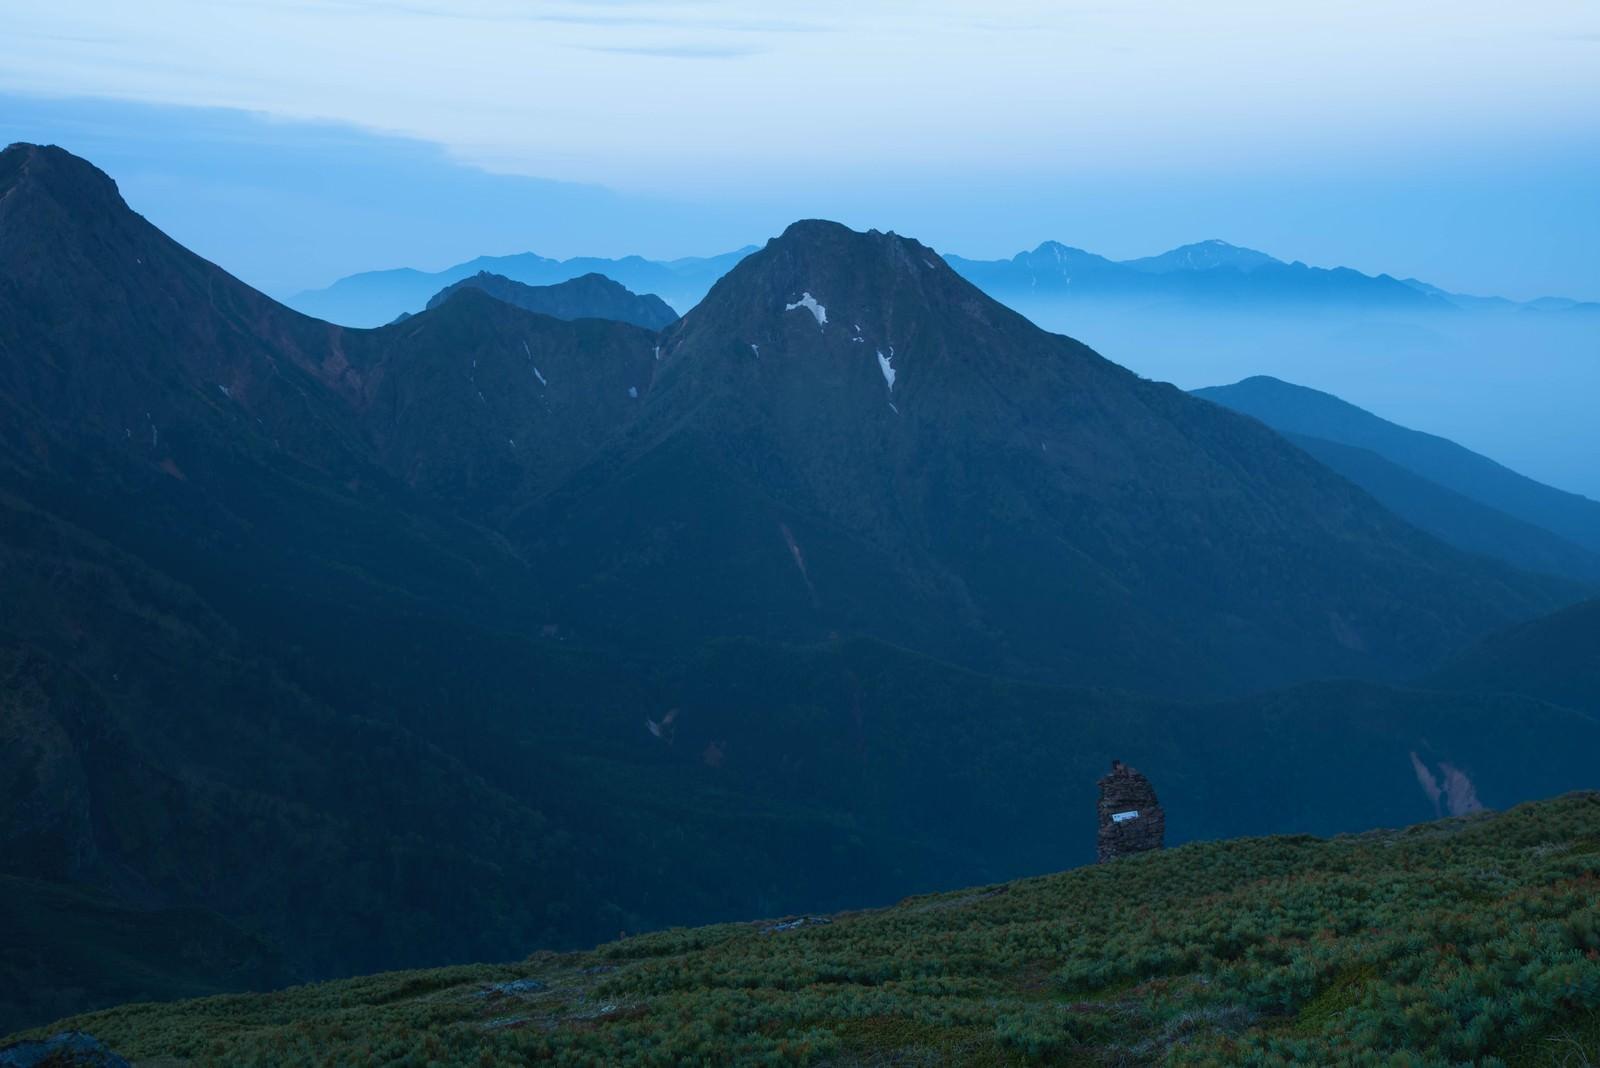 「硫黄岳のケルンと霞がかる阿弥陀岳」の写真